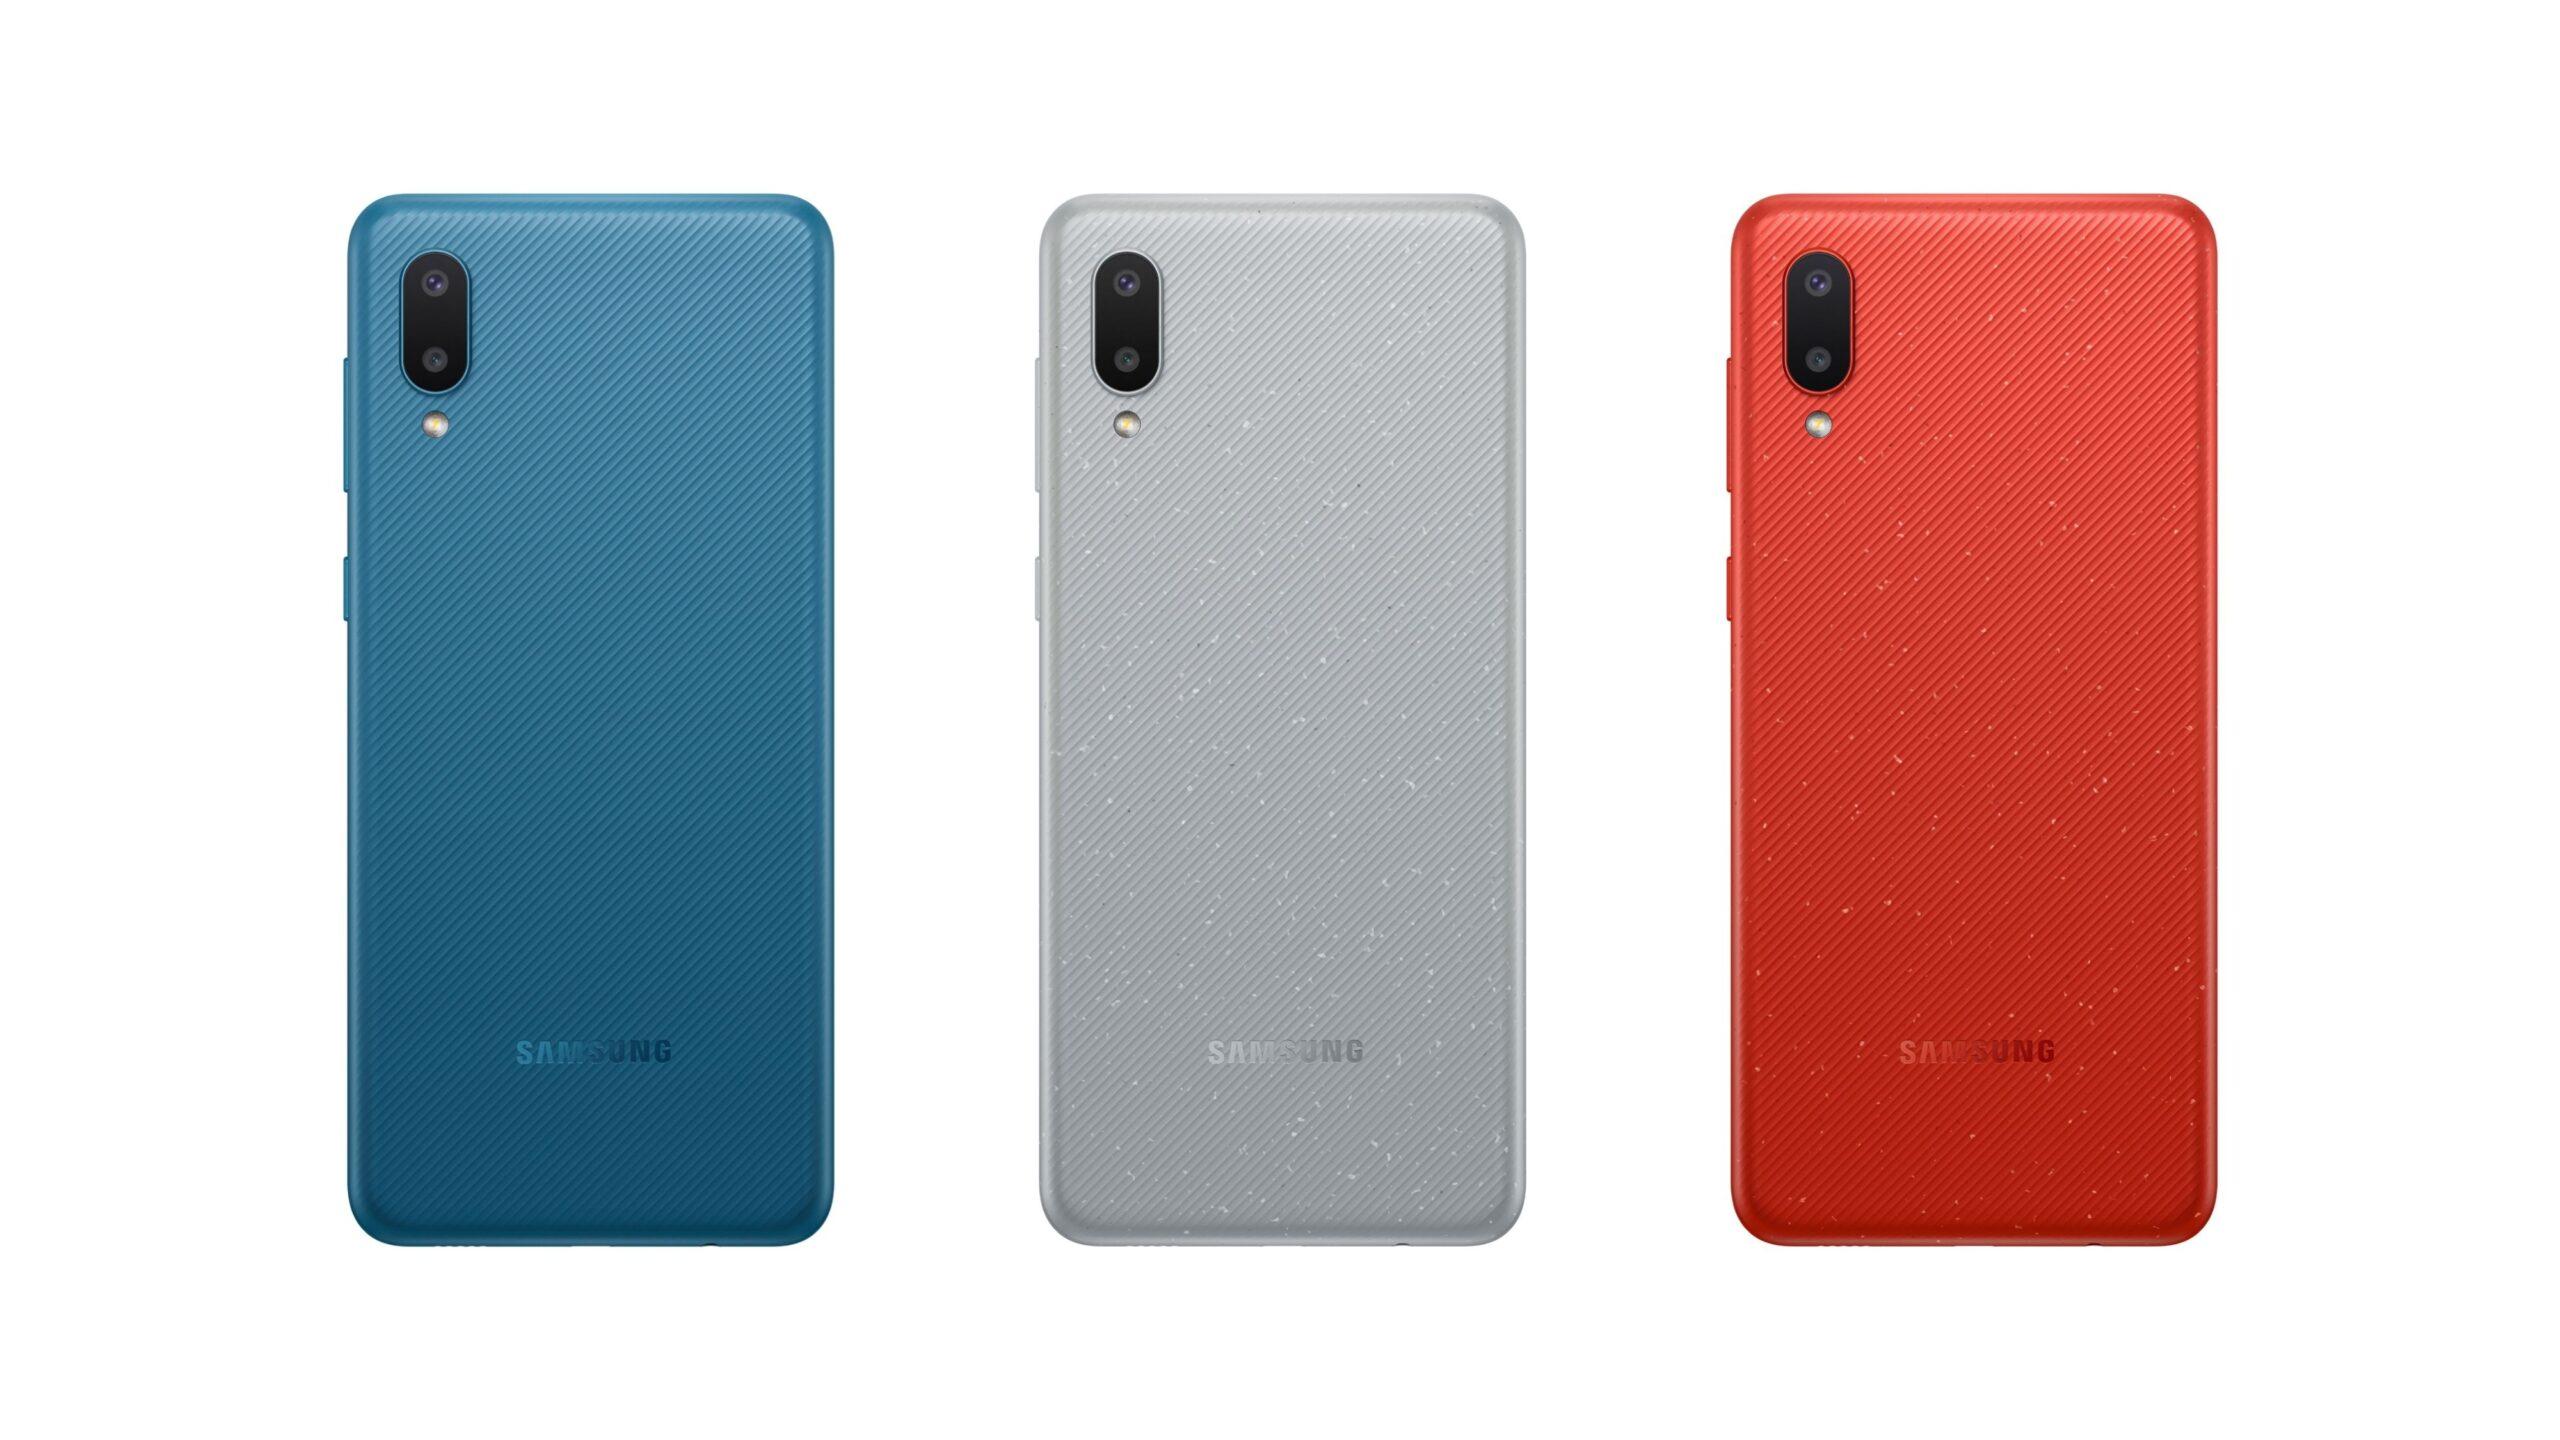 Samsung Galaxy A02 будет запущен в Индии сразу после начала производства